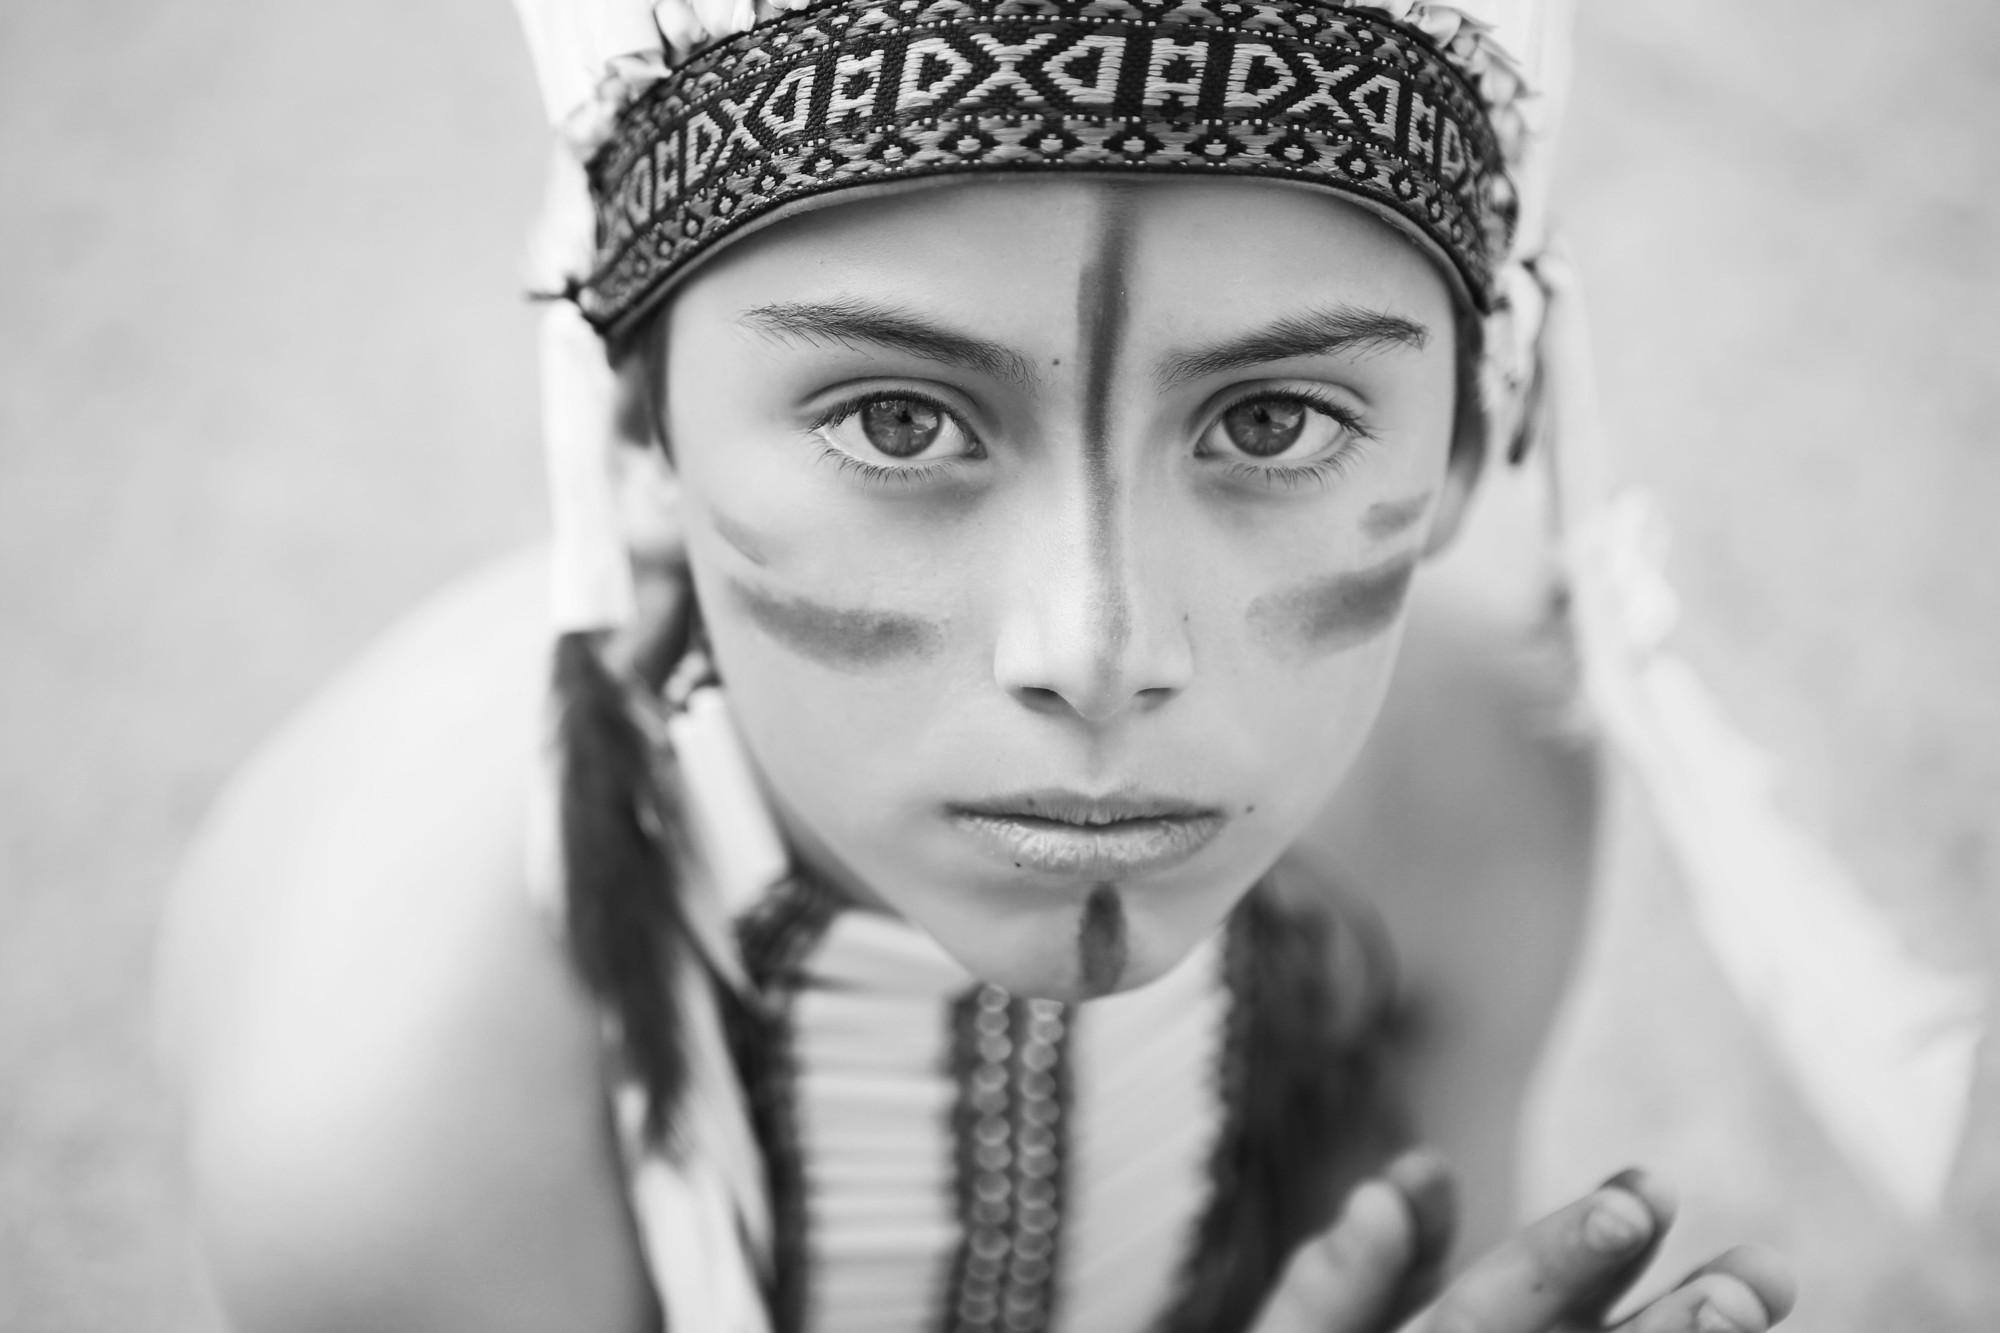 fotografos-de-niños-granada-556567